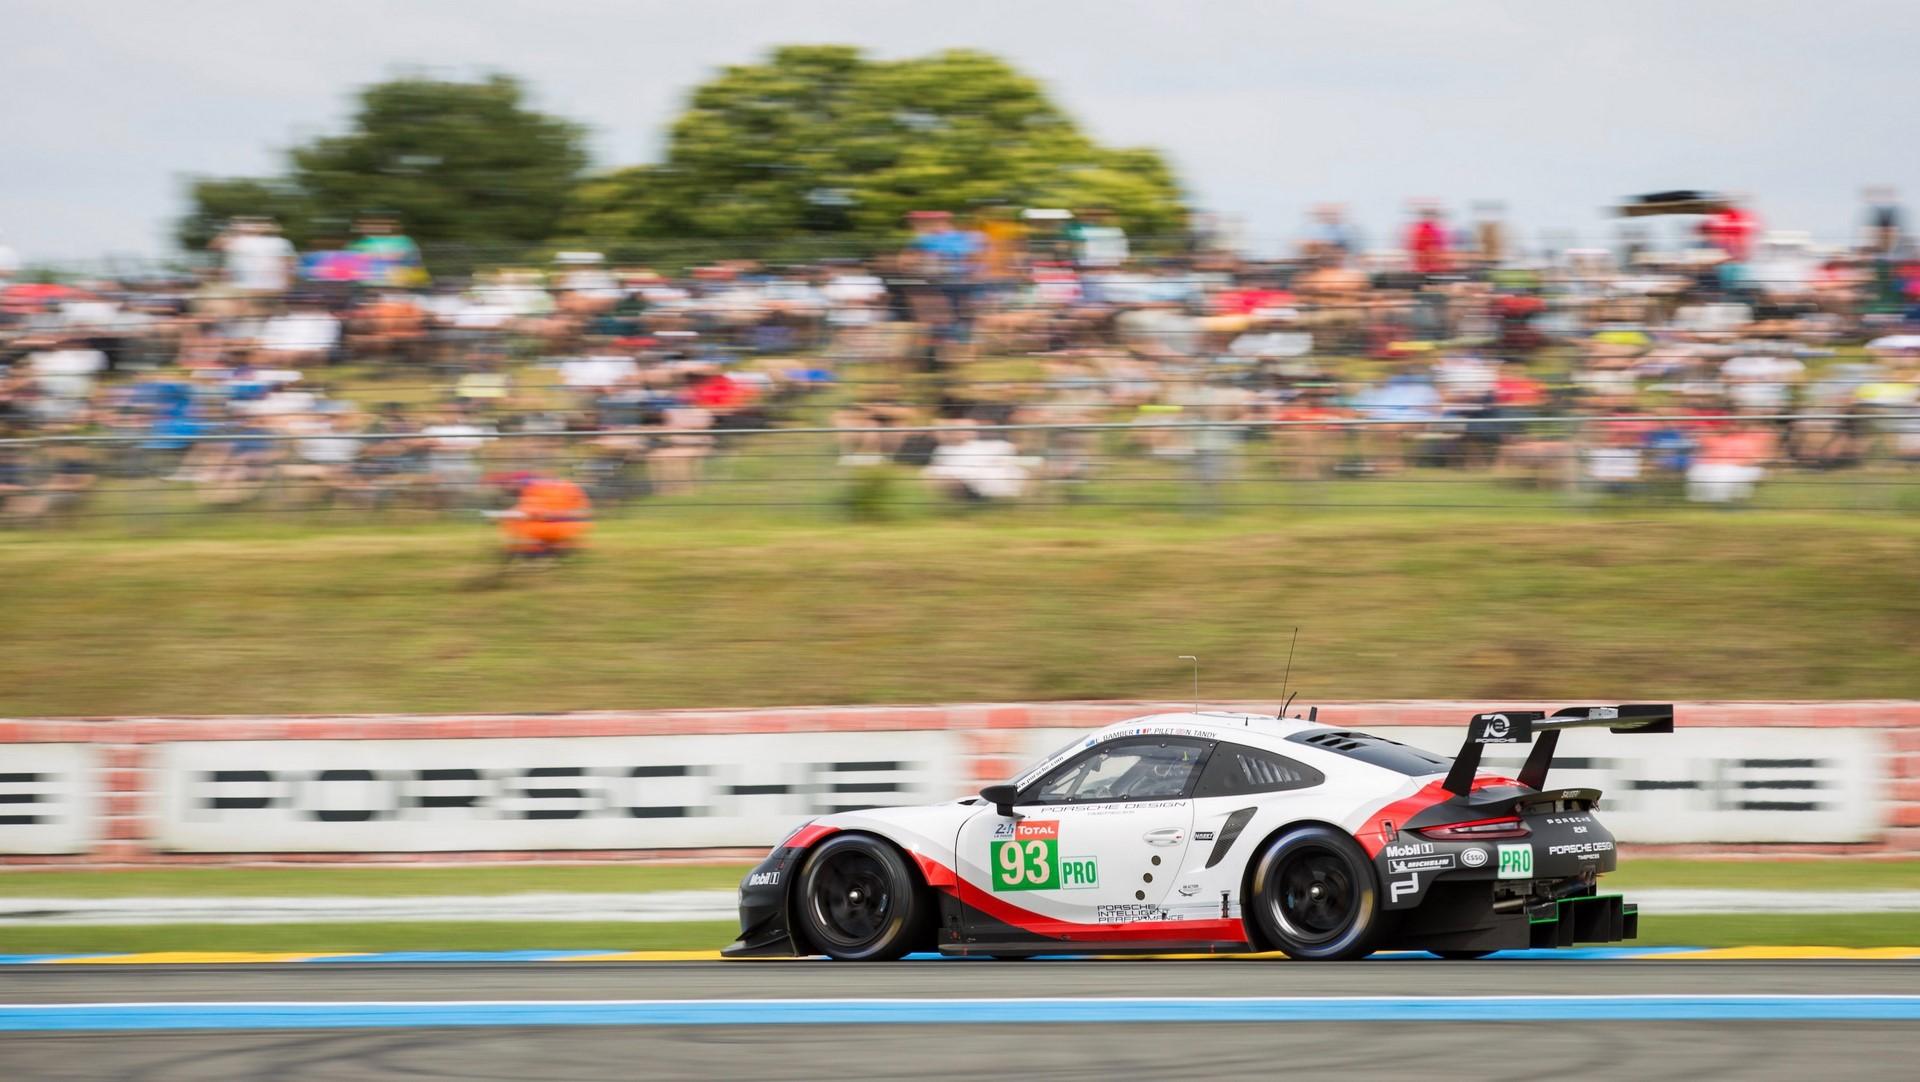 Porsche 911 RSR, Porsche GT Team (93), Earl Bamber (NZ), Patrick Pilet (F), Nick Tandy (GB), Le Mans 2018